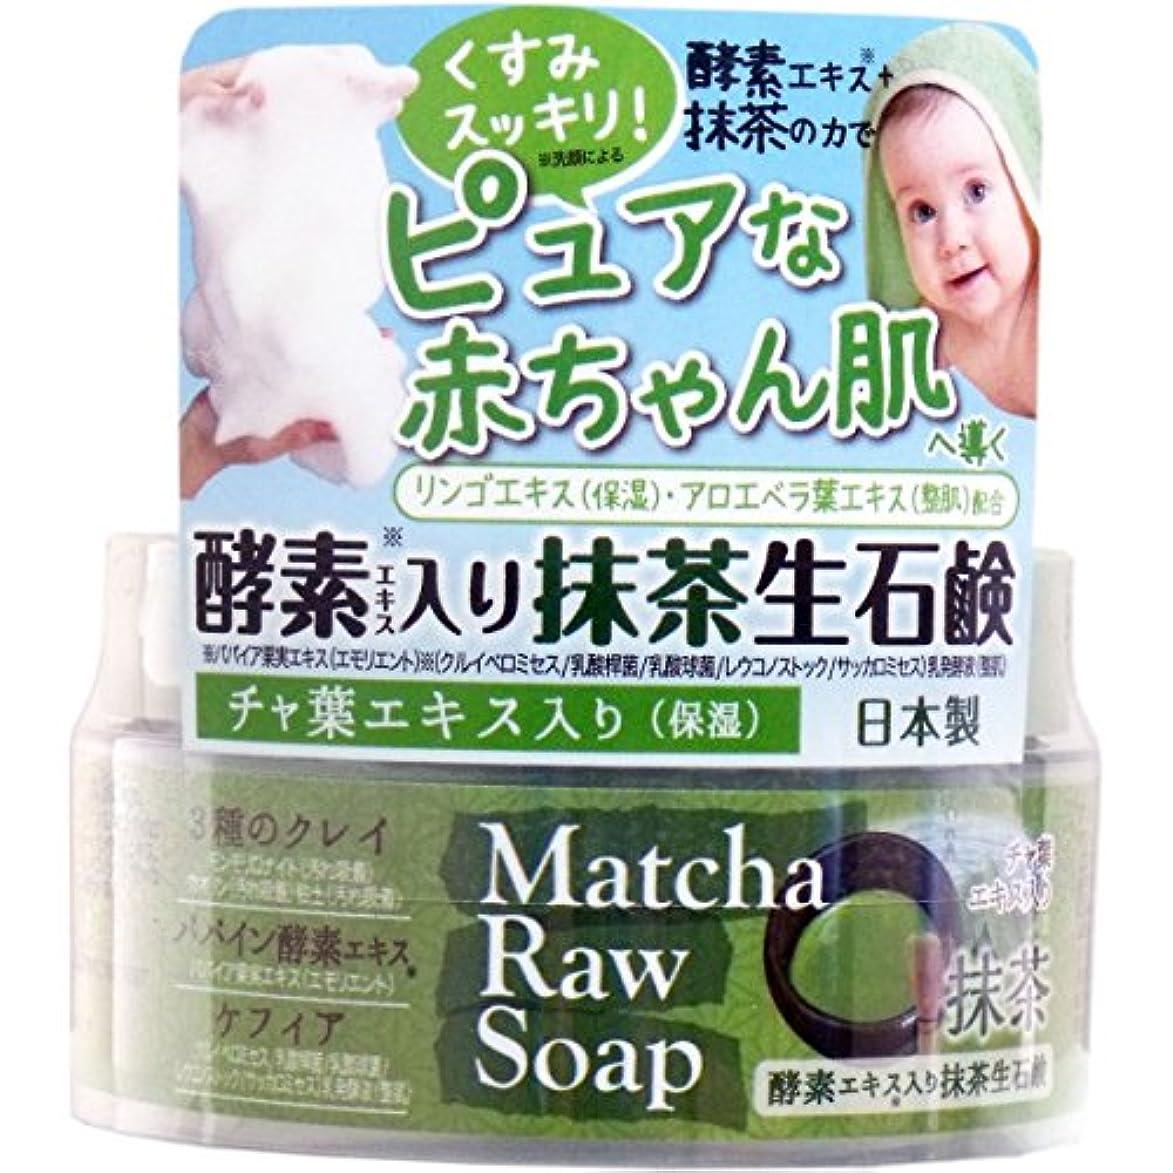 宣言する理容師提案酵素エキス入り抹茶生石鹸